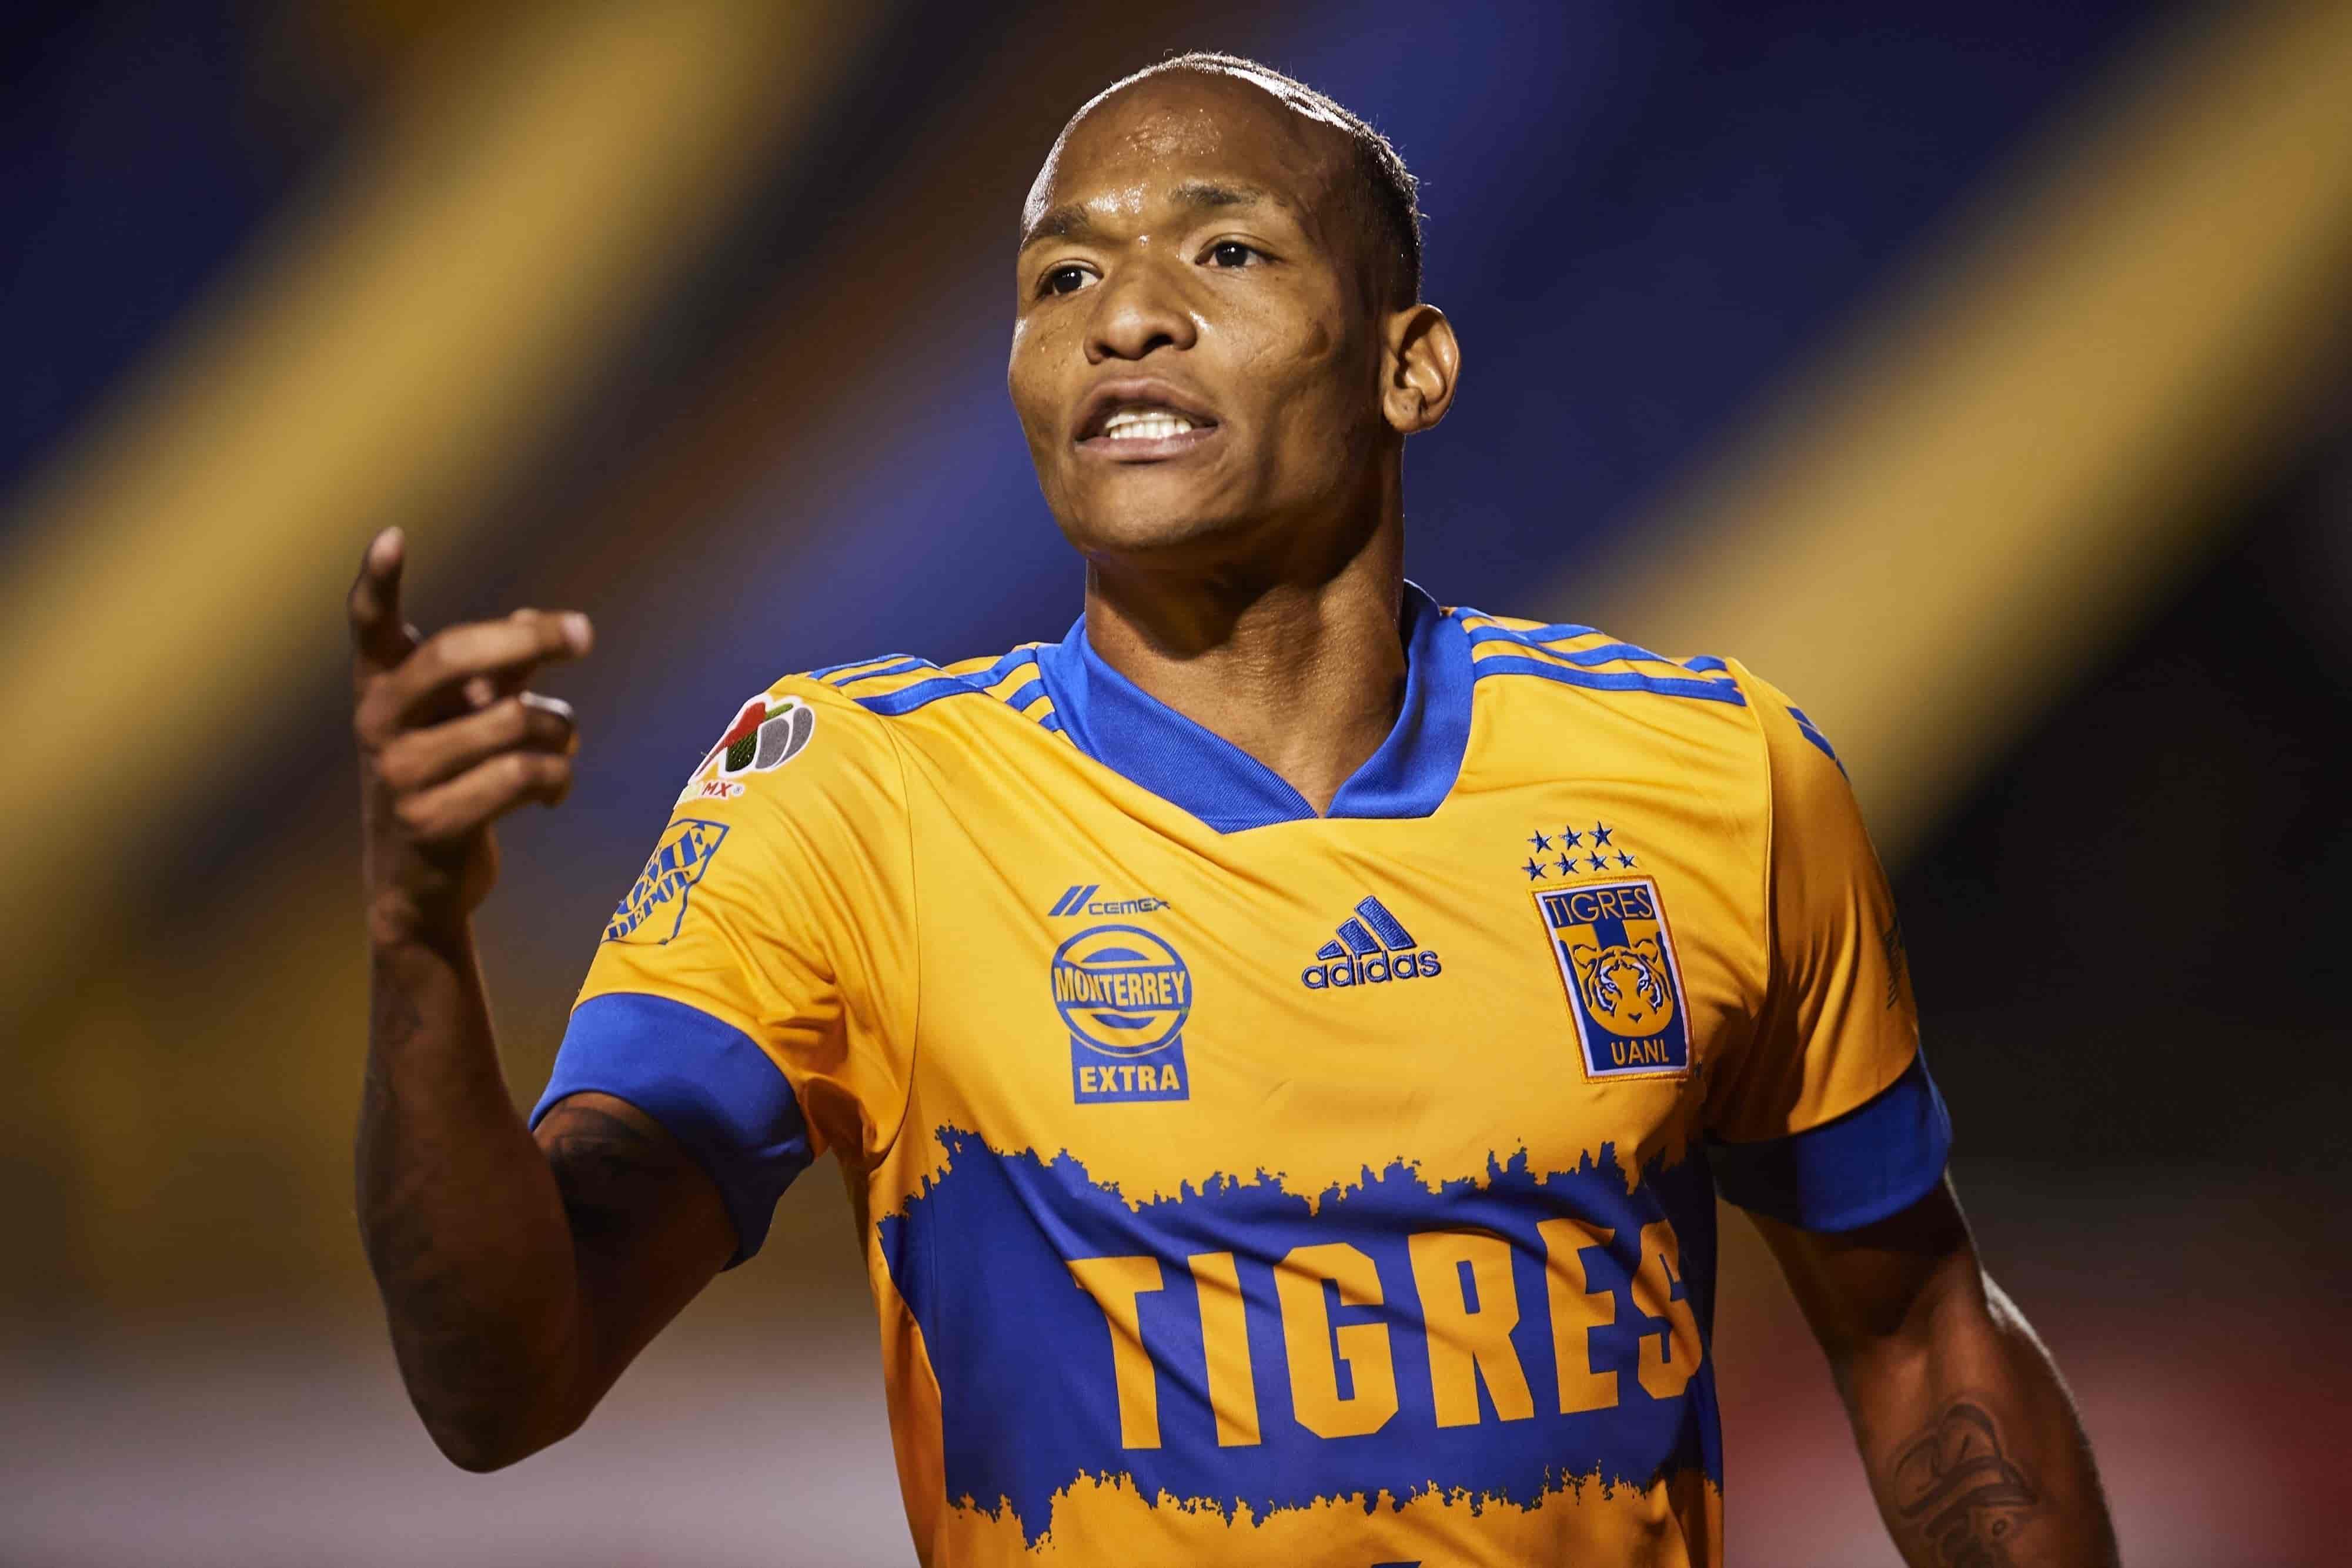 Tigres logró empatar el partido al minuto 45